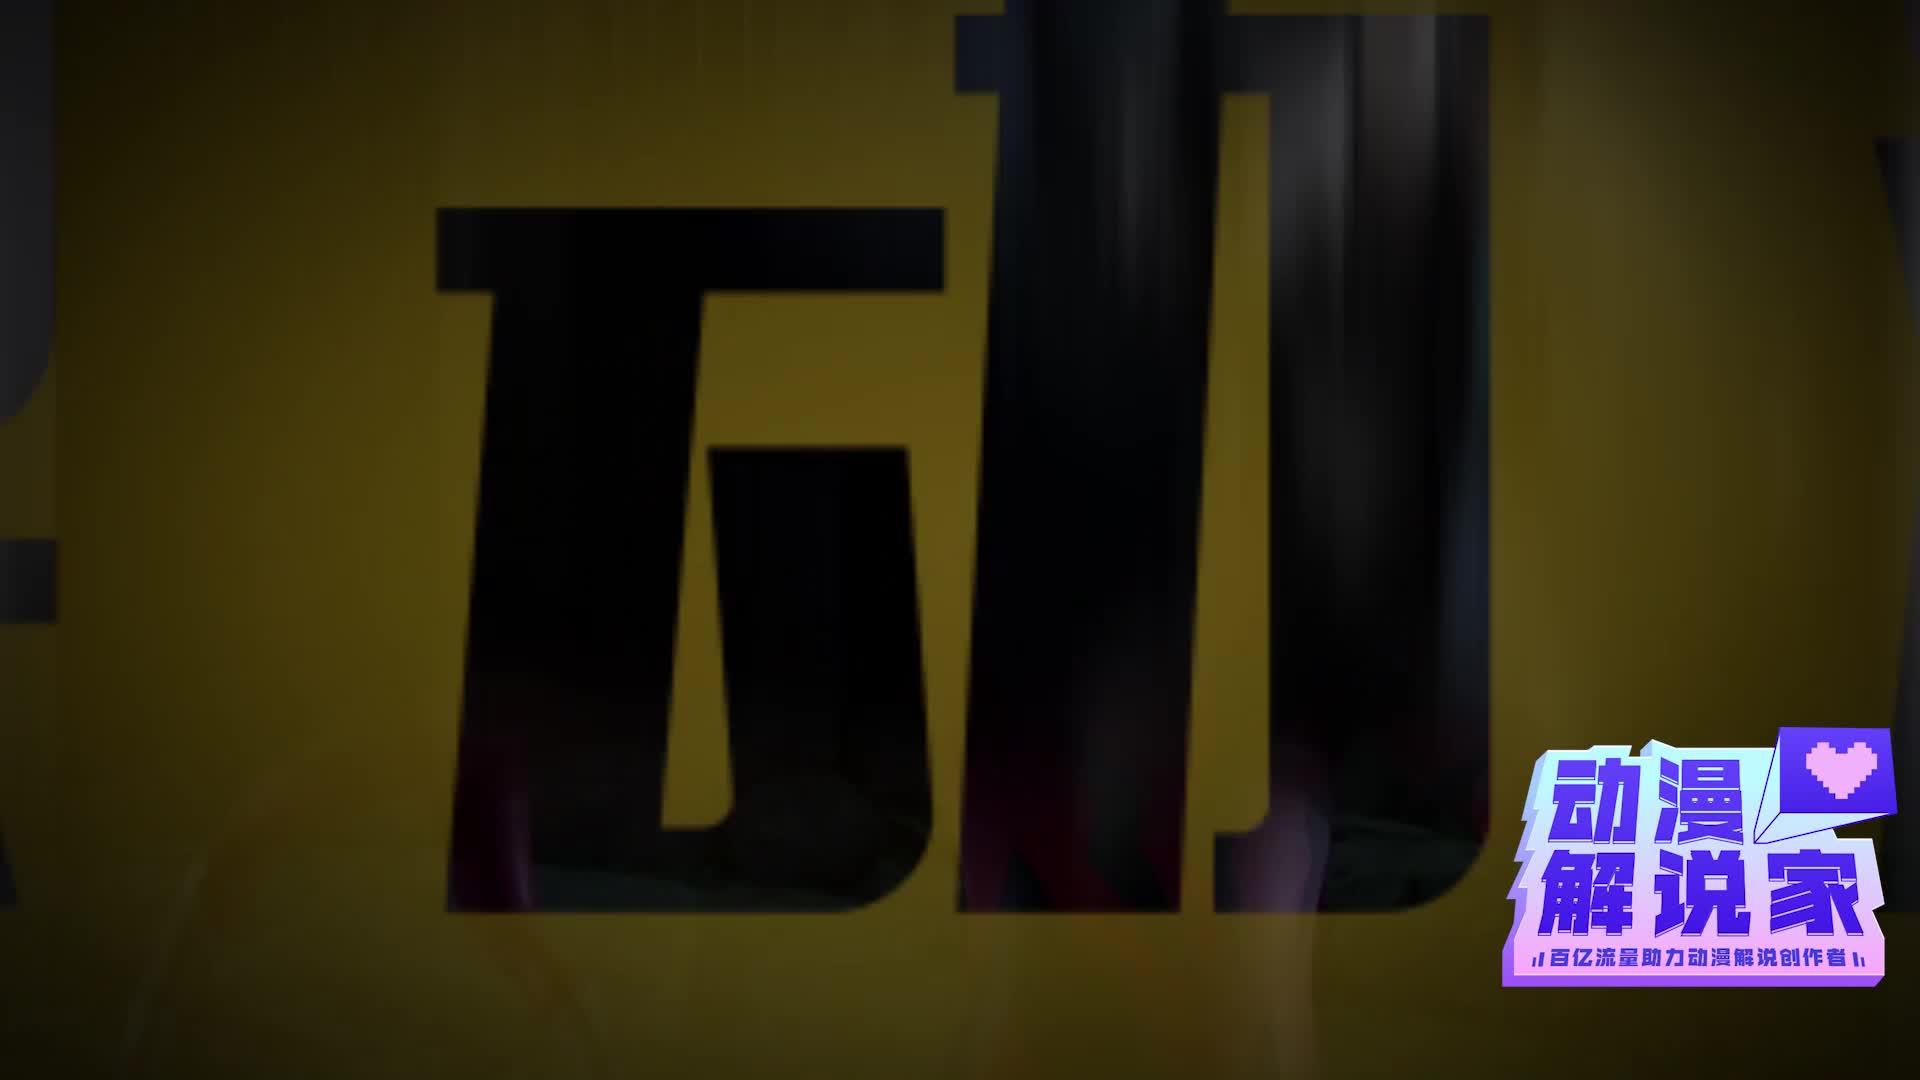 刺客伍六七第三季预告迟迟未出, 官方的一个问号令观众失去信心!